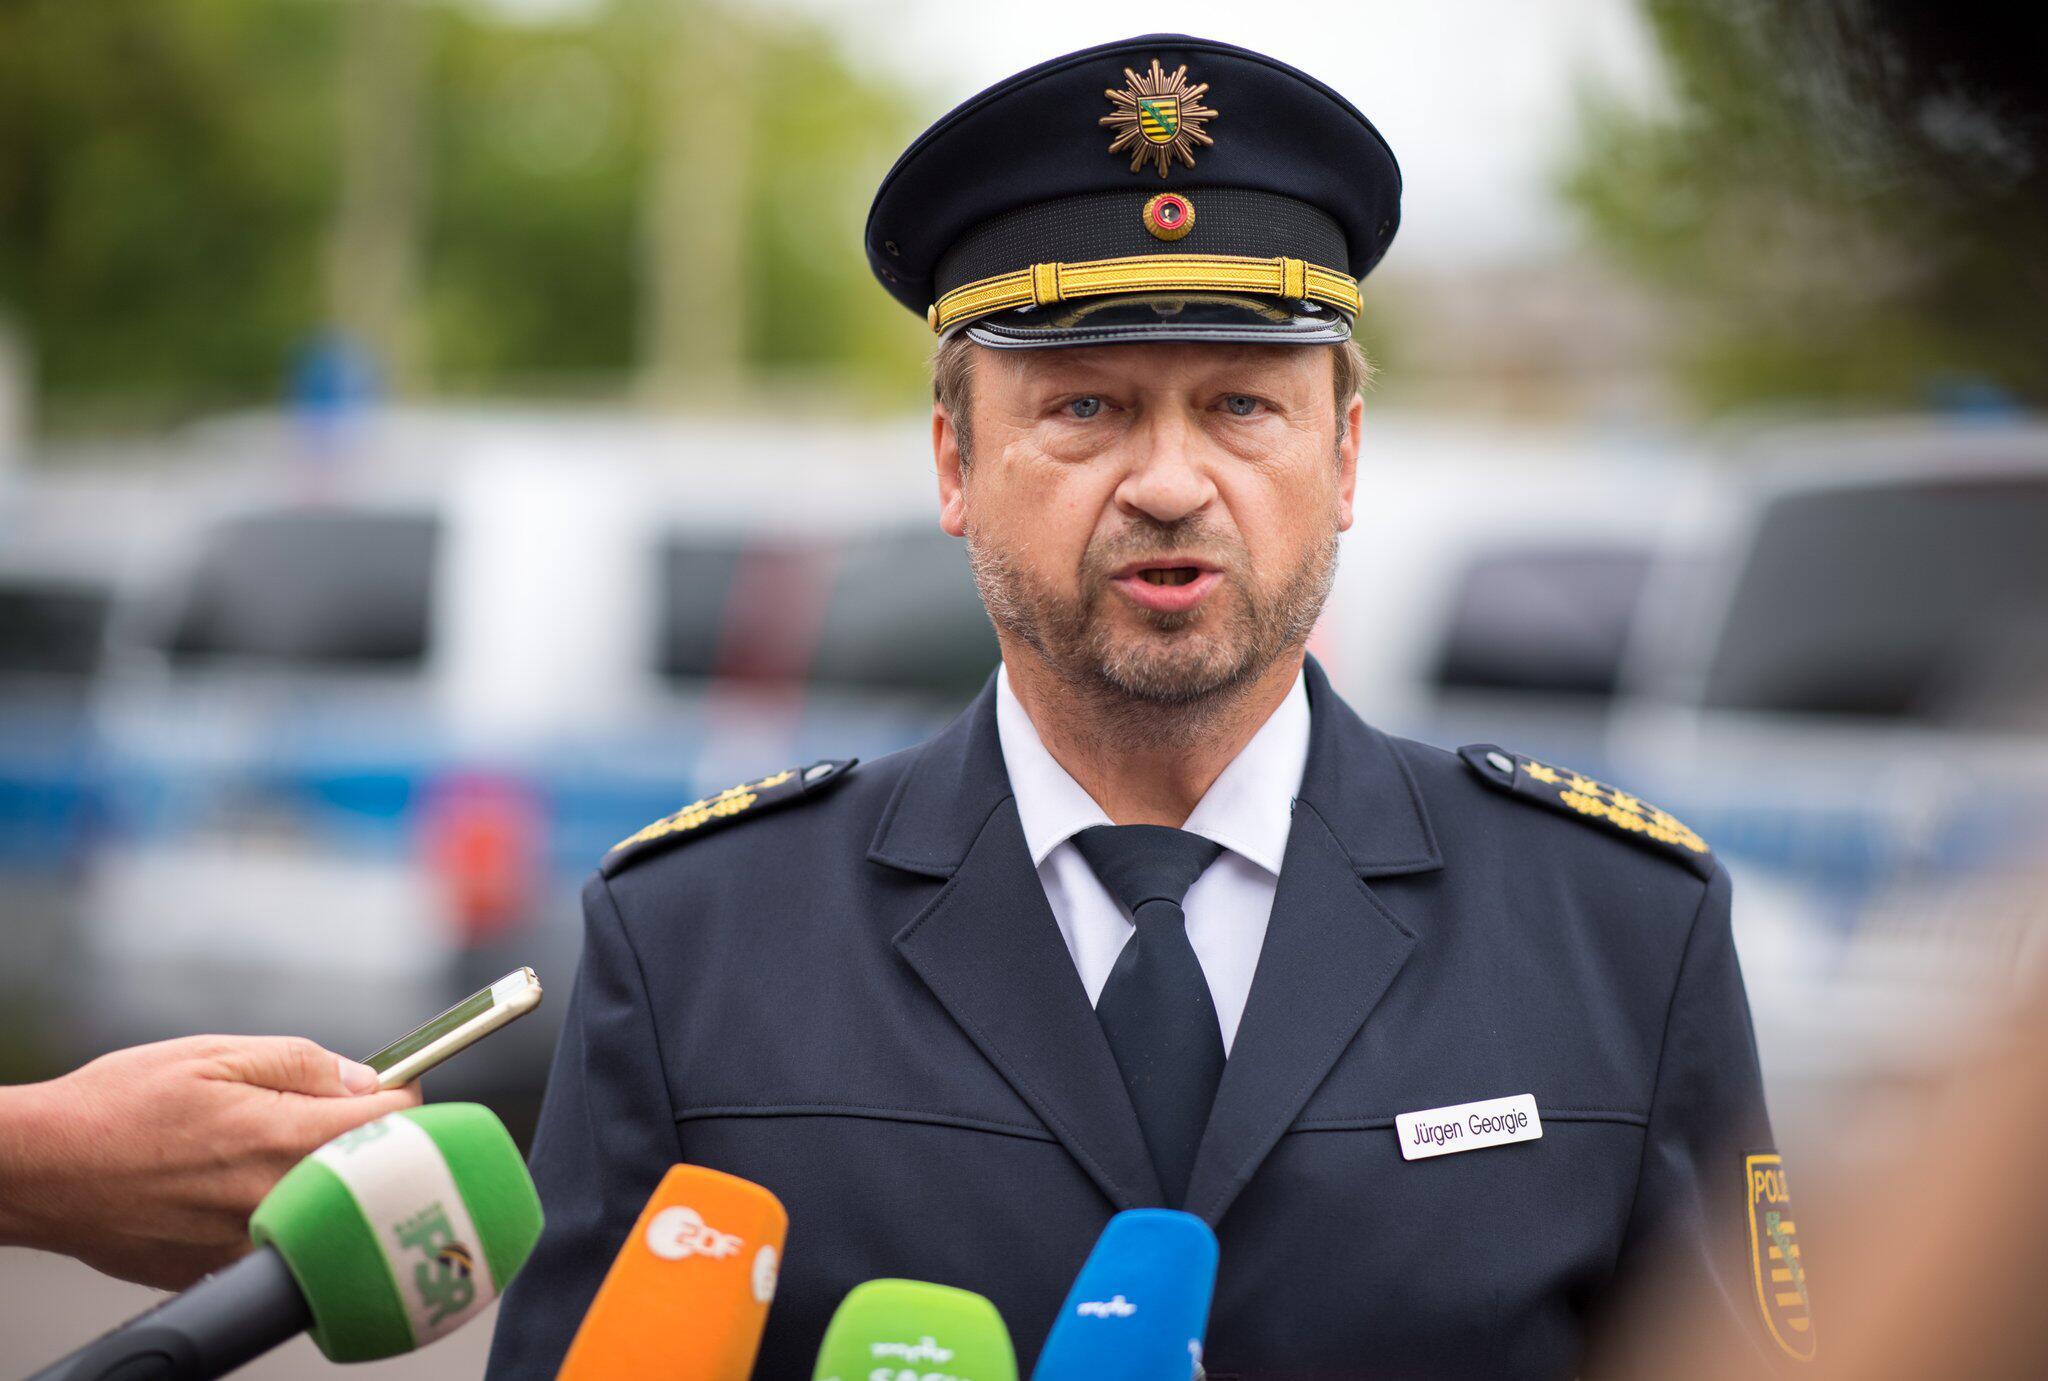 Bild zu Landespolizeipräsident Georgie zu geplanten Demonstrationen in C